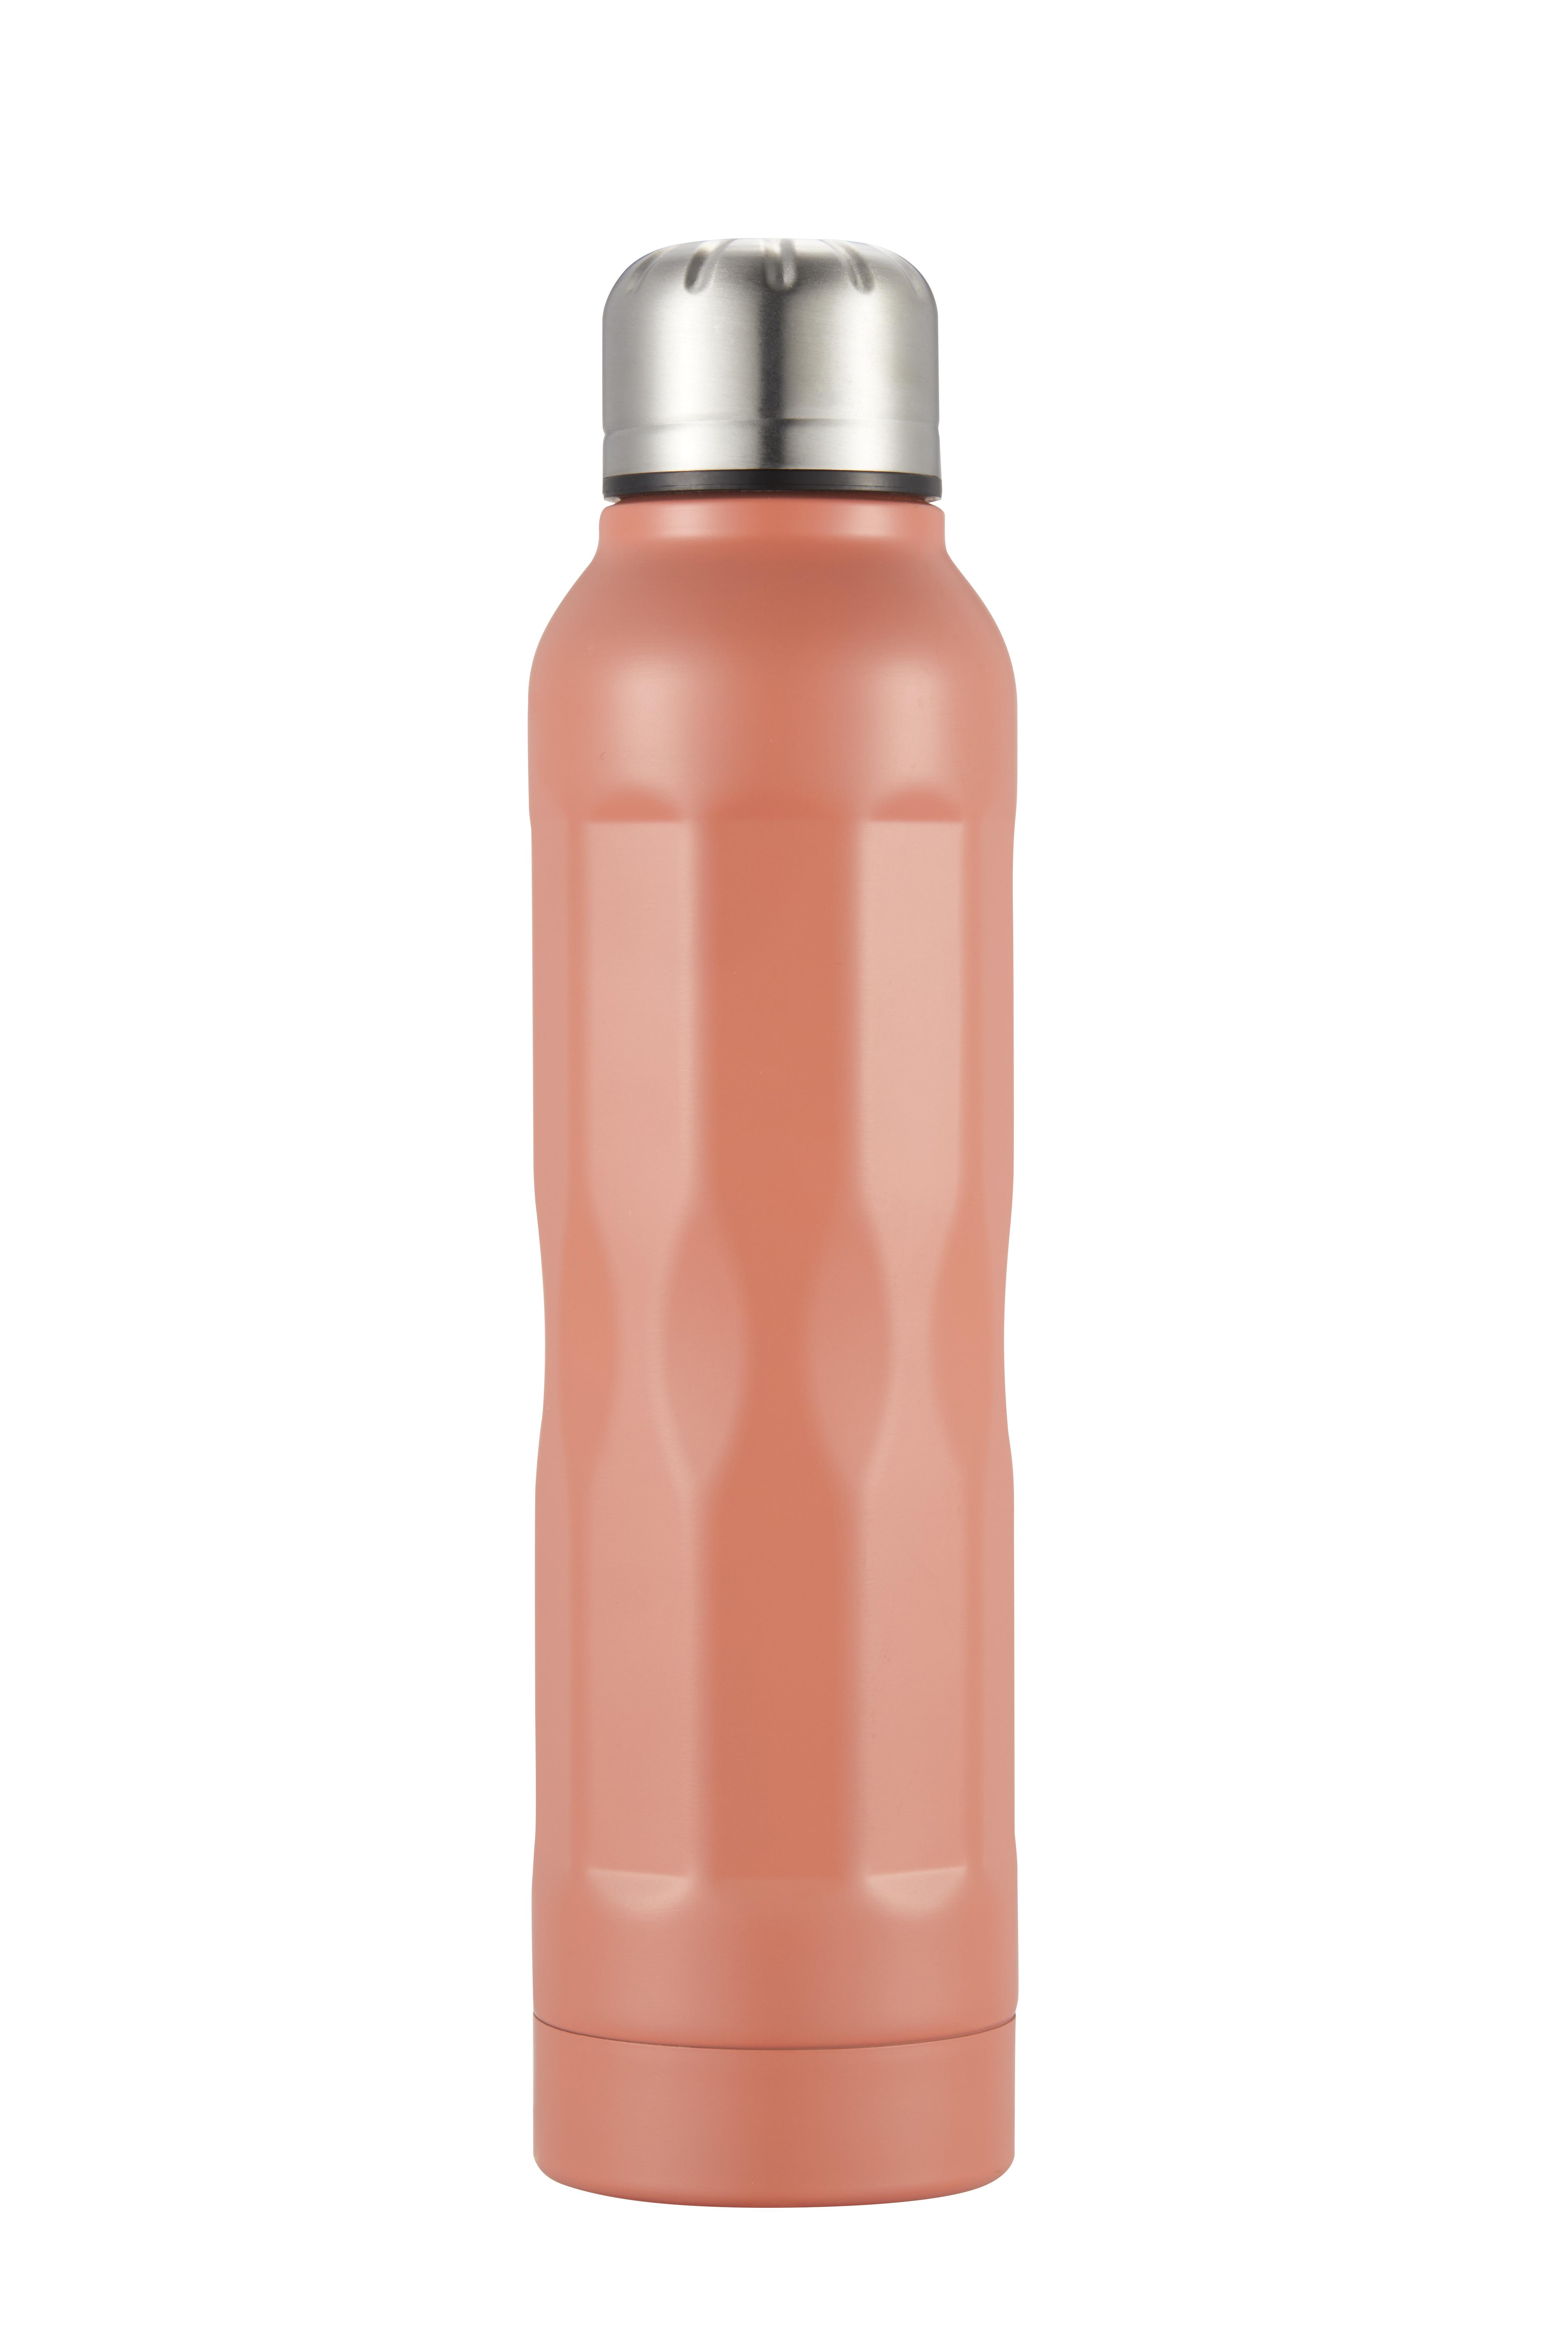 Tia Vakuumflaska rosa rostfritt stål 35 dl